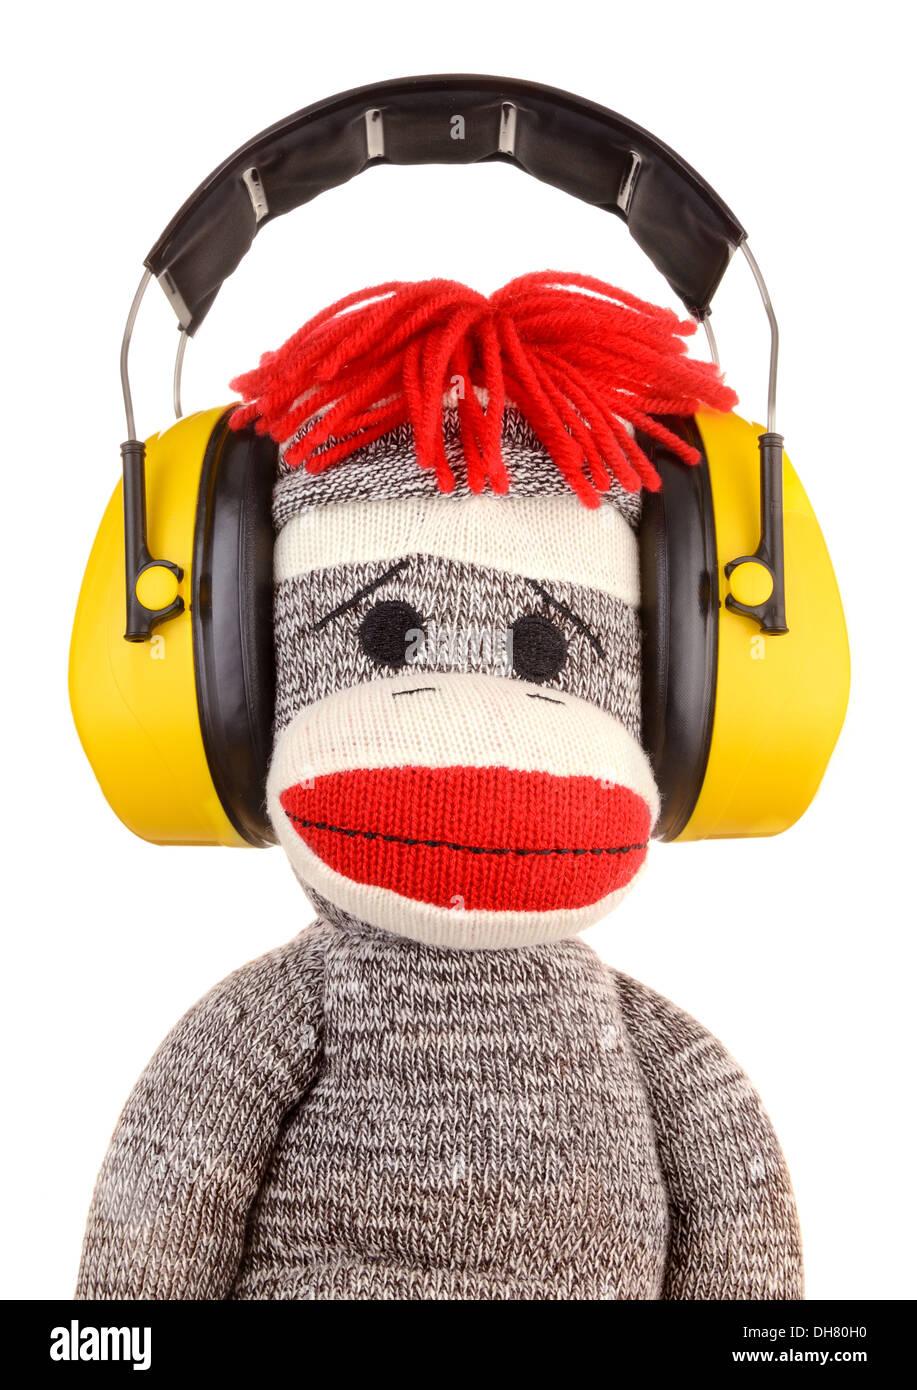 Cuffie per la protezione dell'udito Immagini Stock